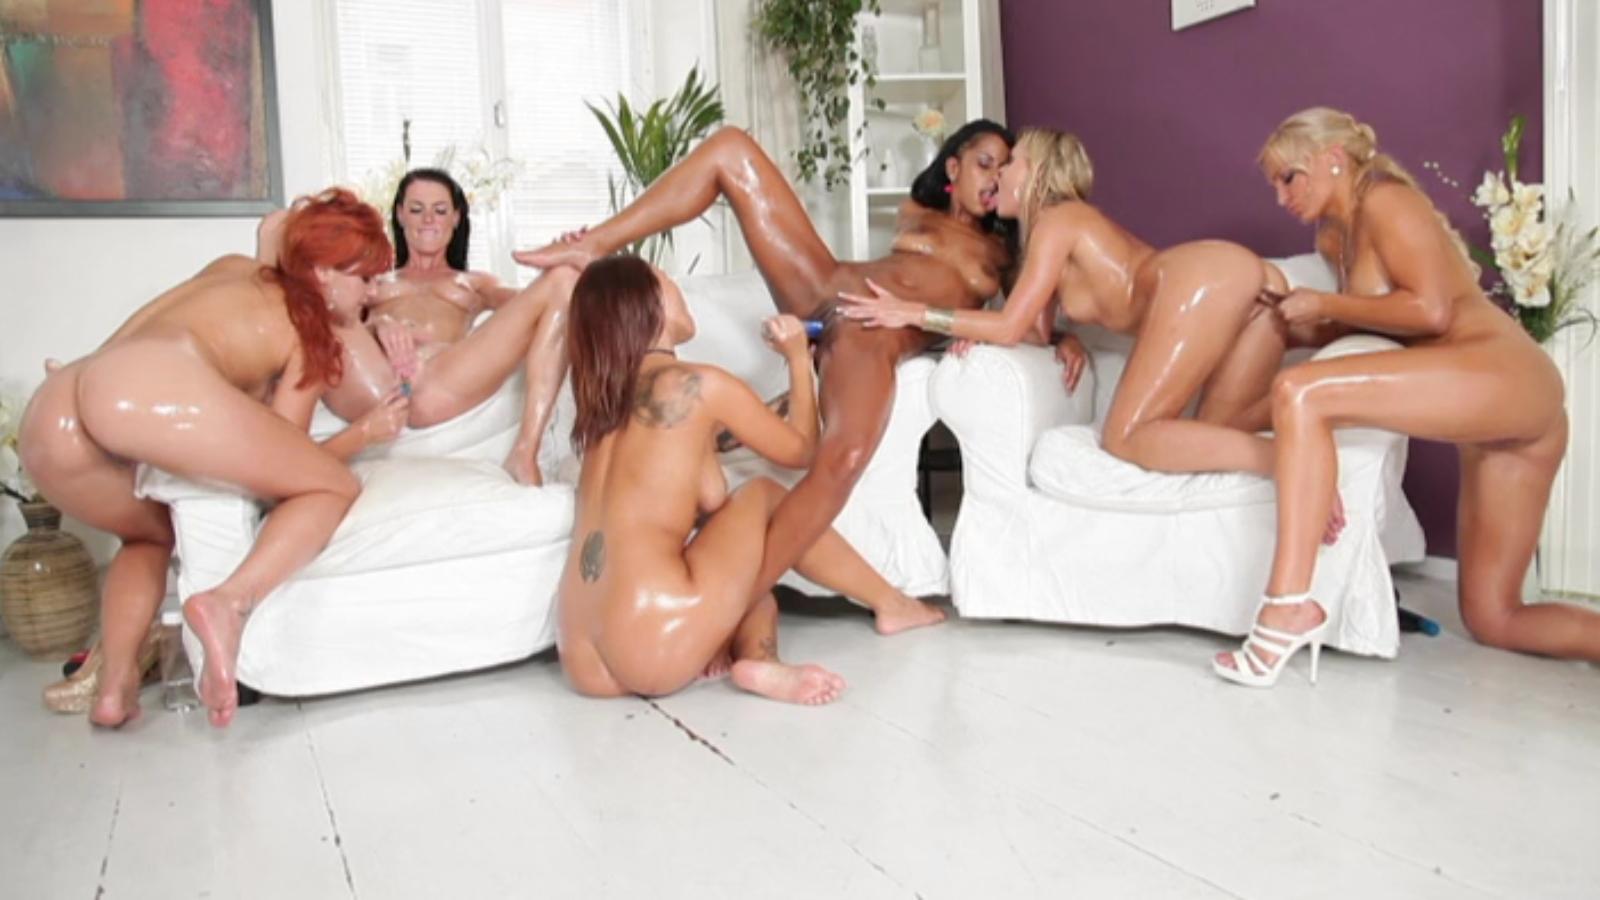 Lesbian orgy galery pics